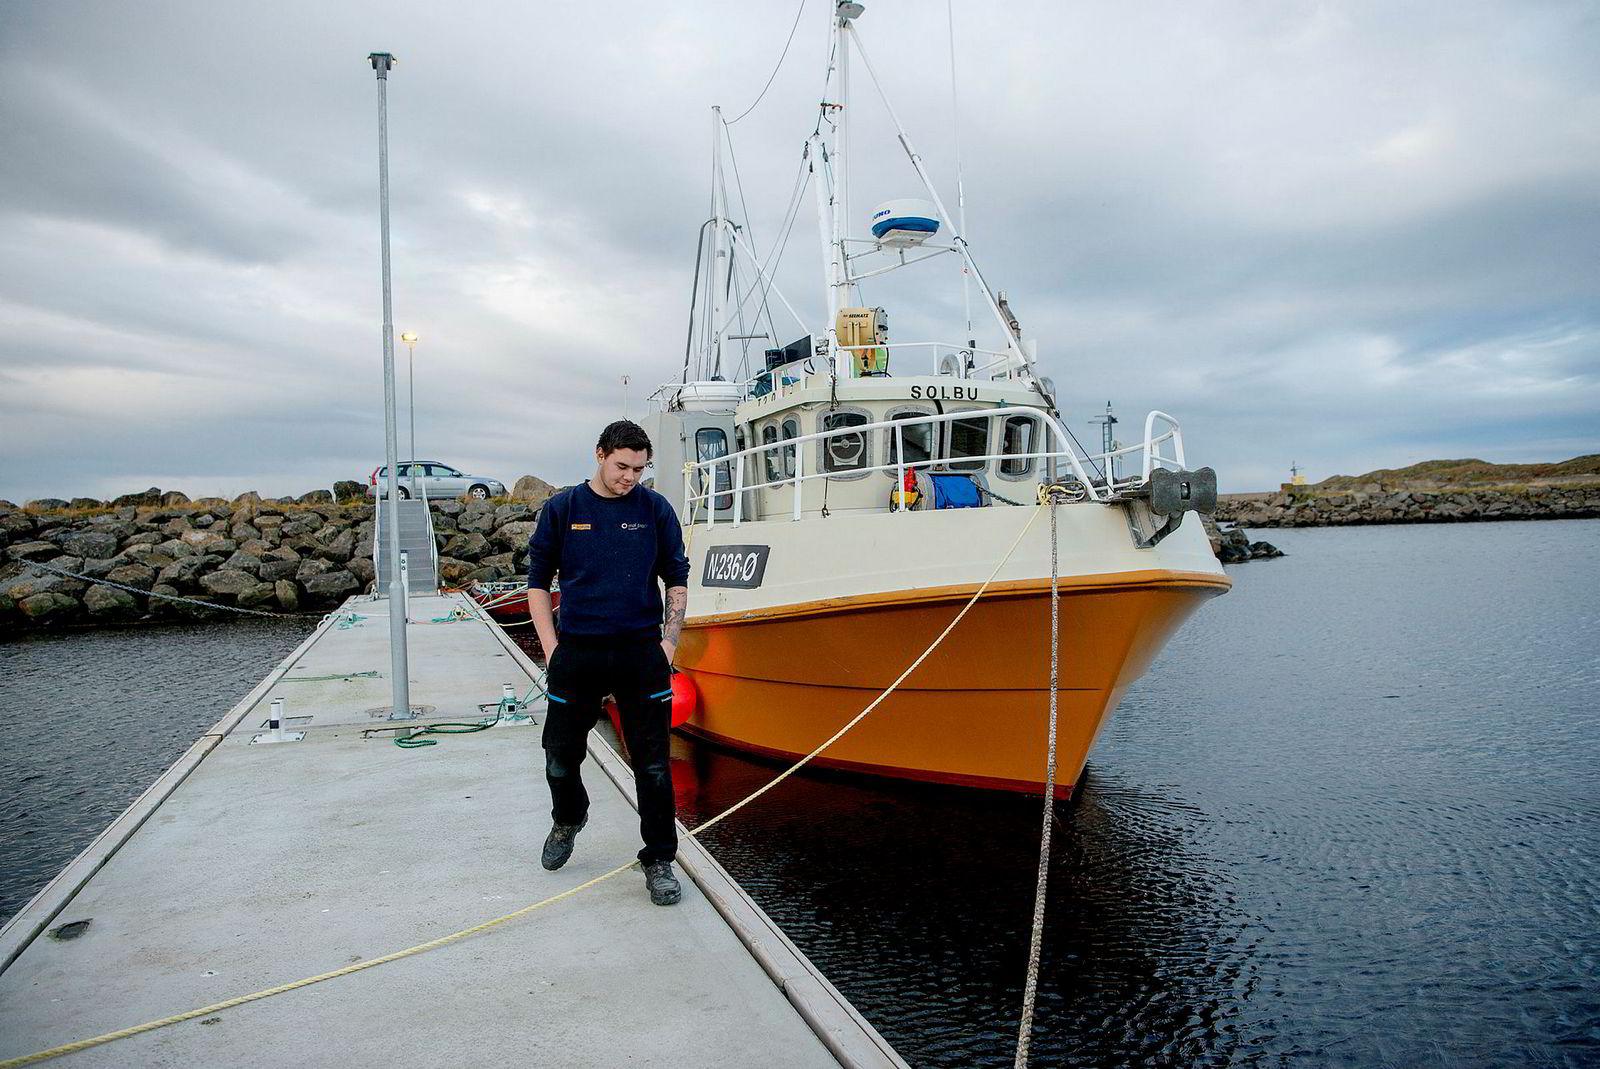 Fisker Tobias Reinholdtsen (20) ønsker å kjøpe fiskebåten Solbu i Stø havn, Vesterålen, men har ikke penger nok til å kjøpe fiskekvote.